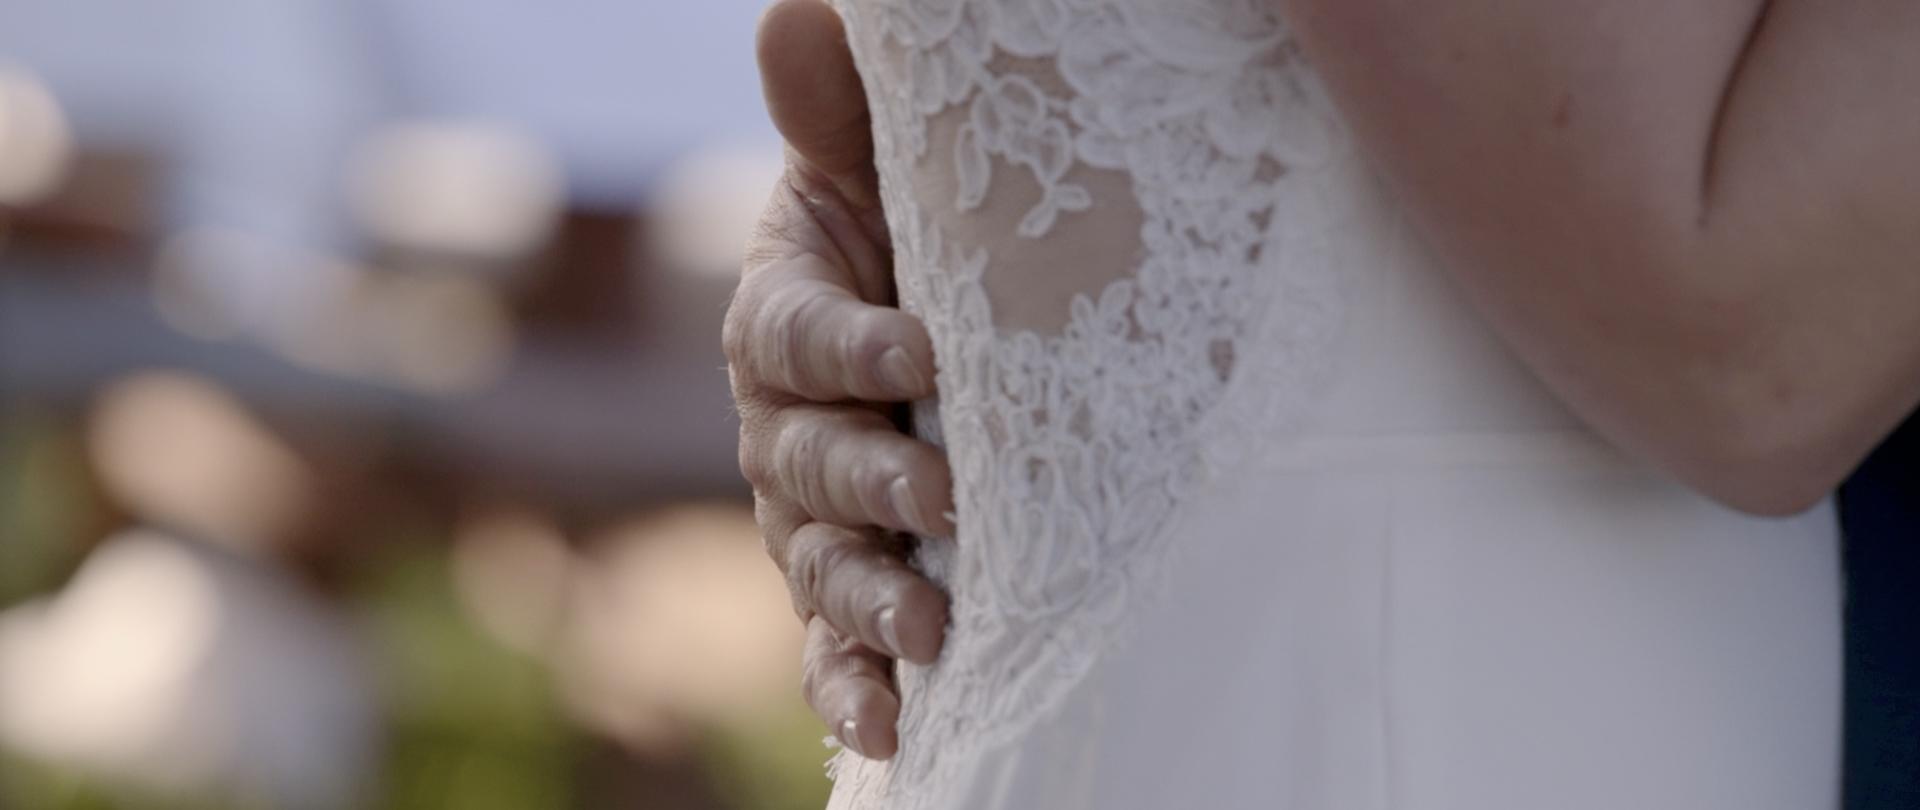 Lisa and Taylor-Oregon Wedding Video -13.jpg